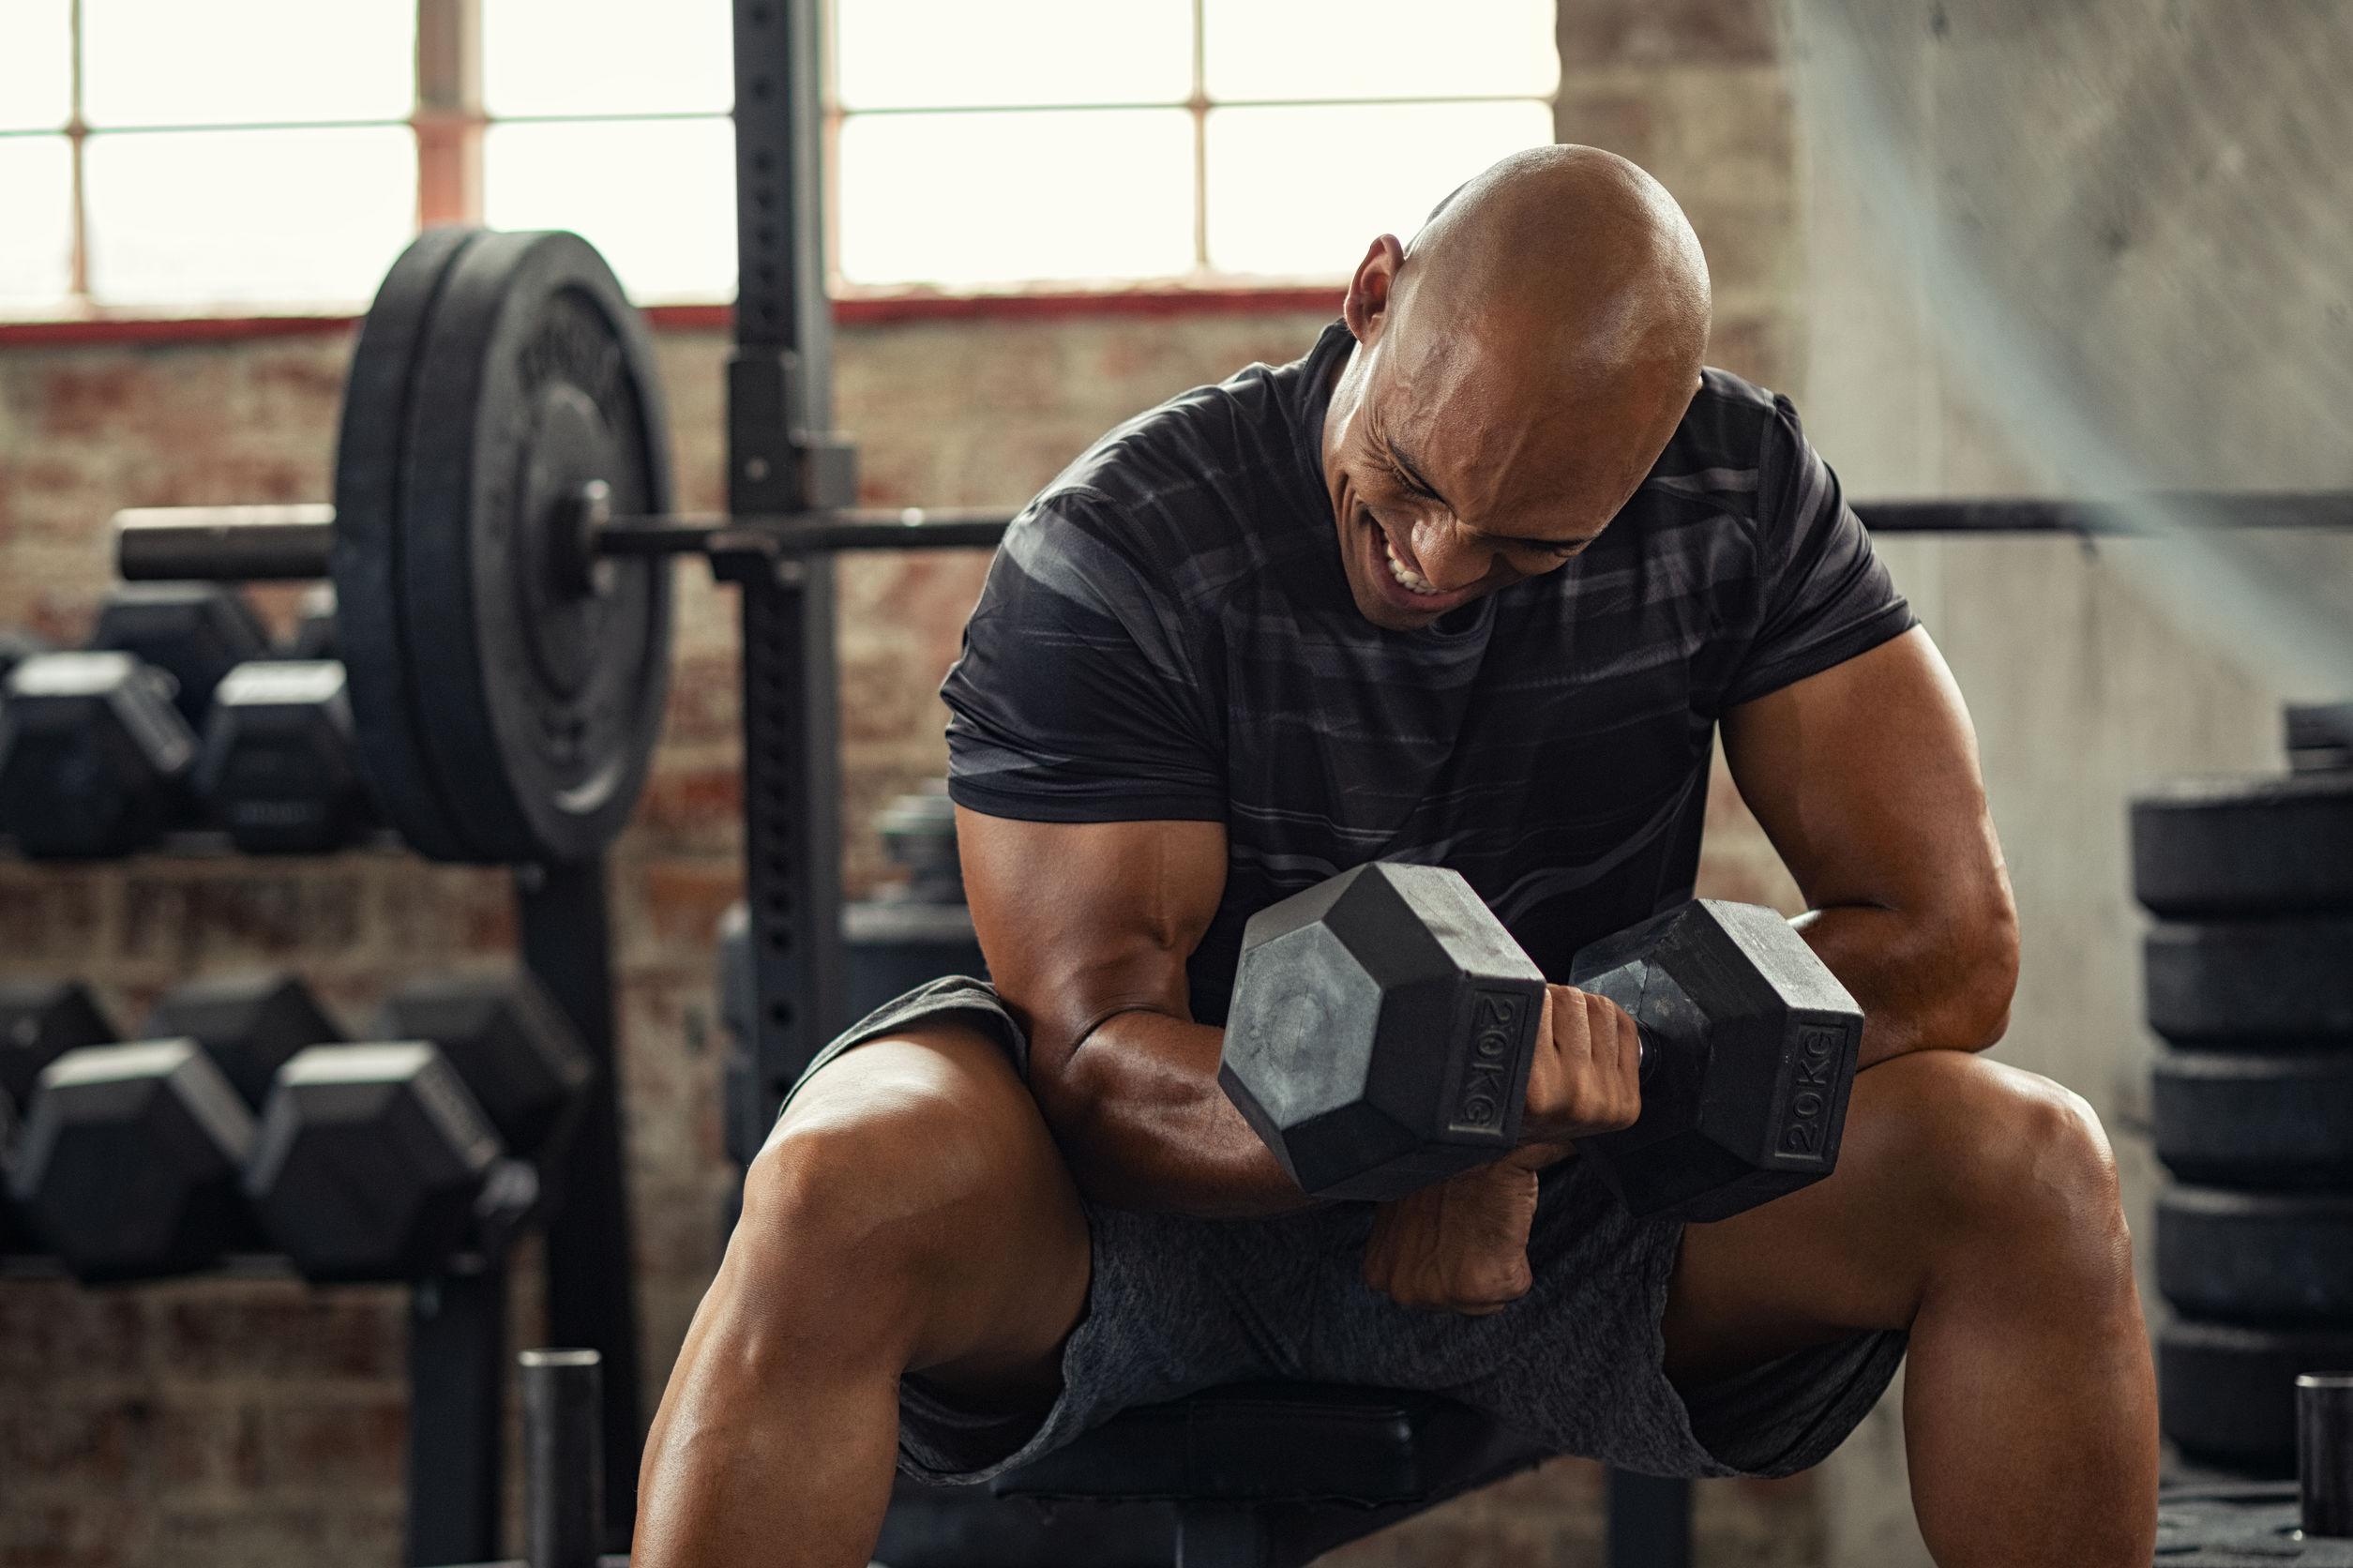 Chico musculoso en ropa deportiva levantando pesas mientras está sentado en un banco en el gimnasio crossfit.